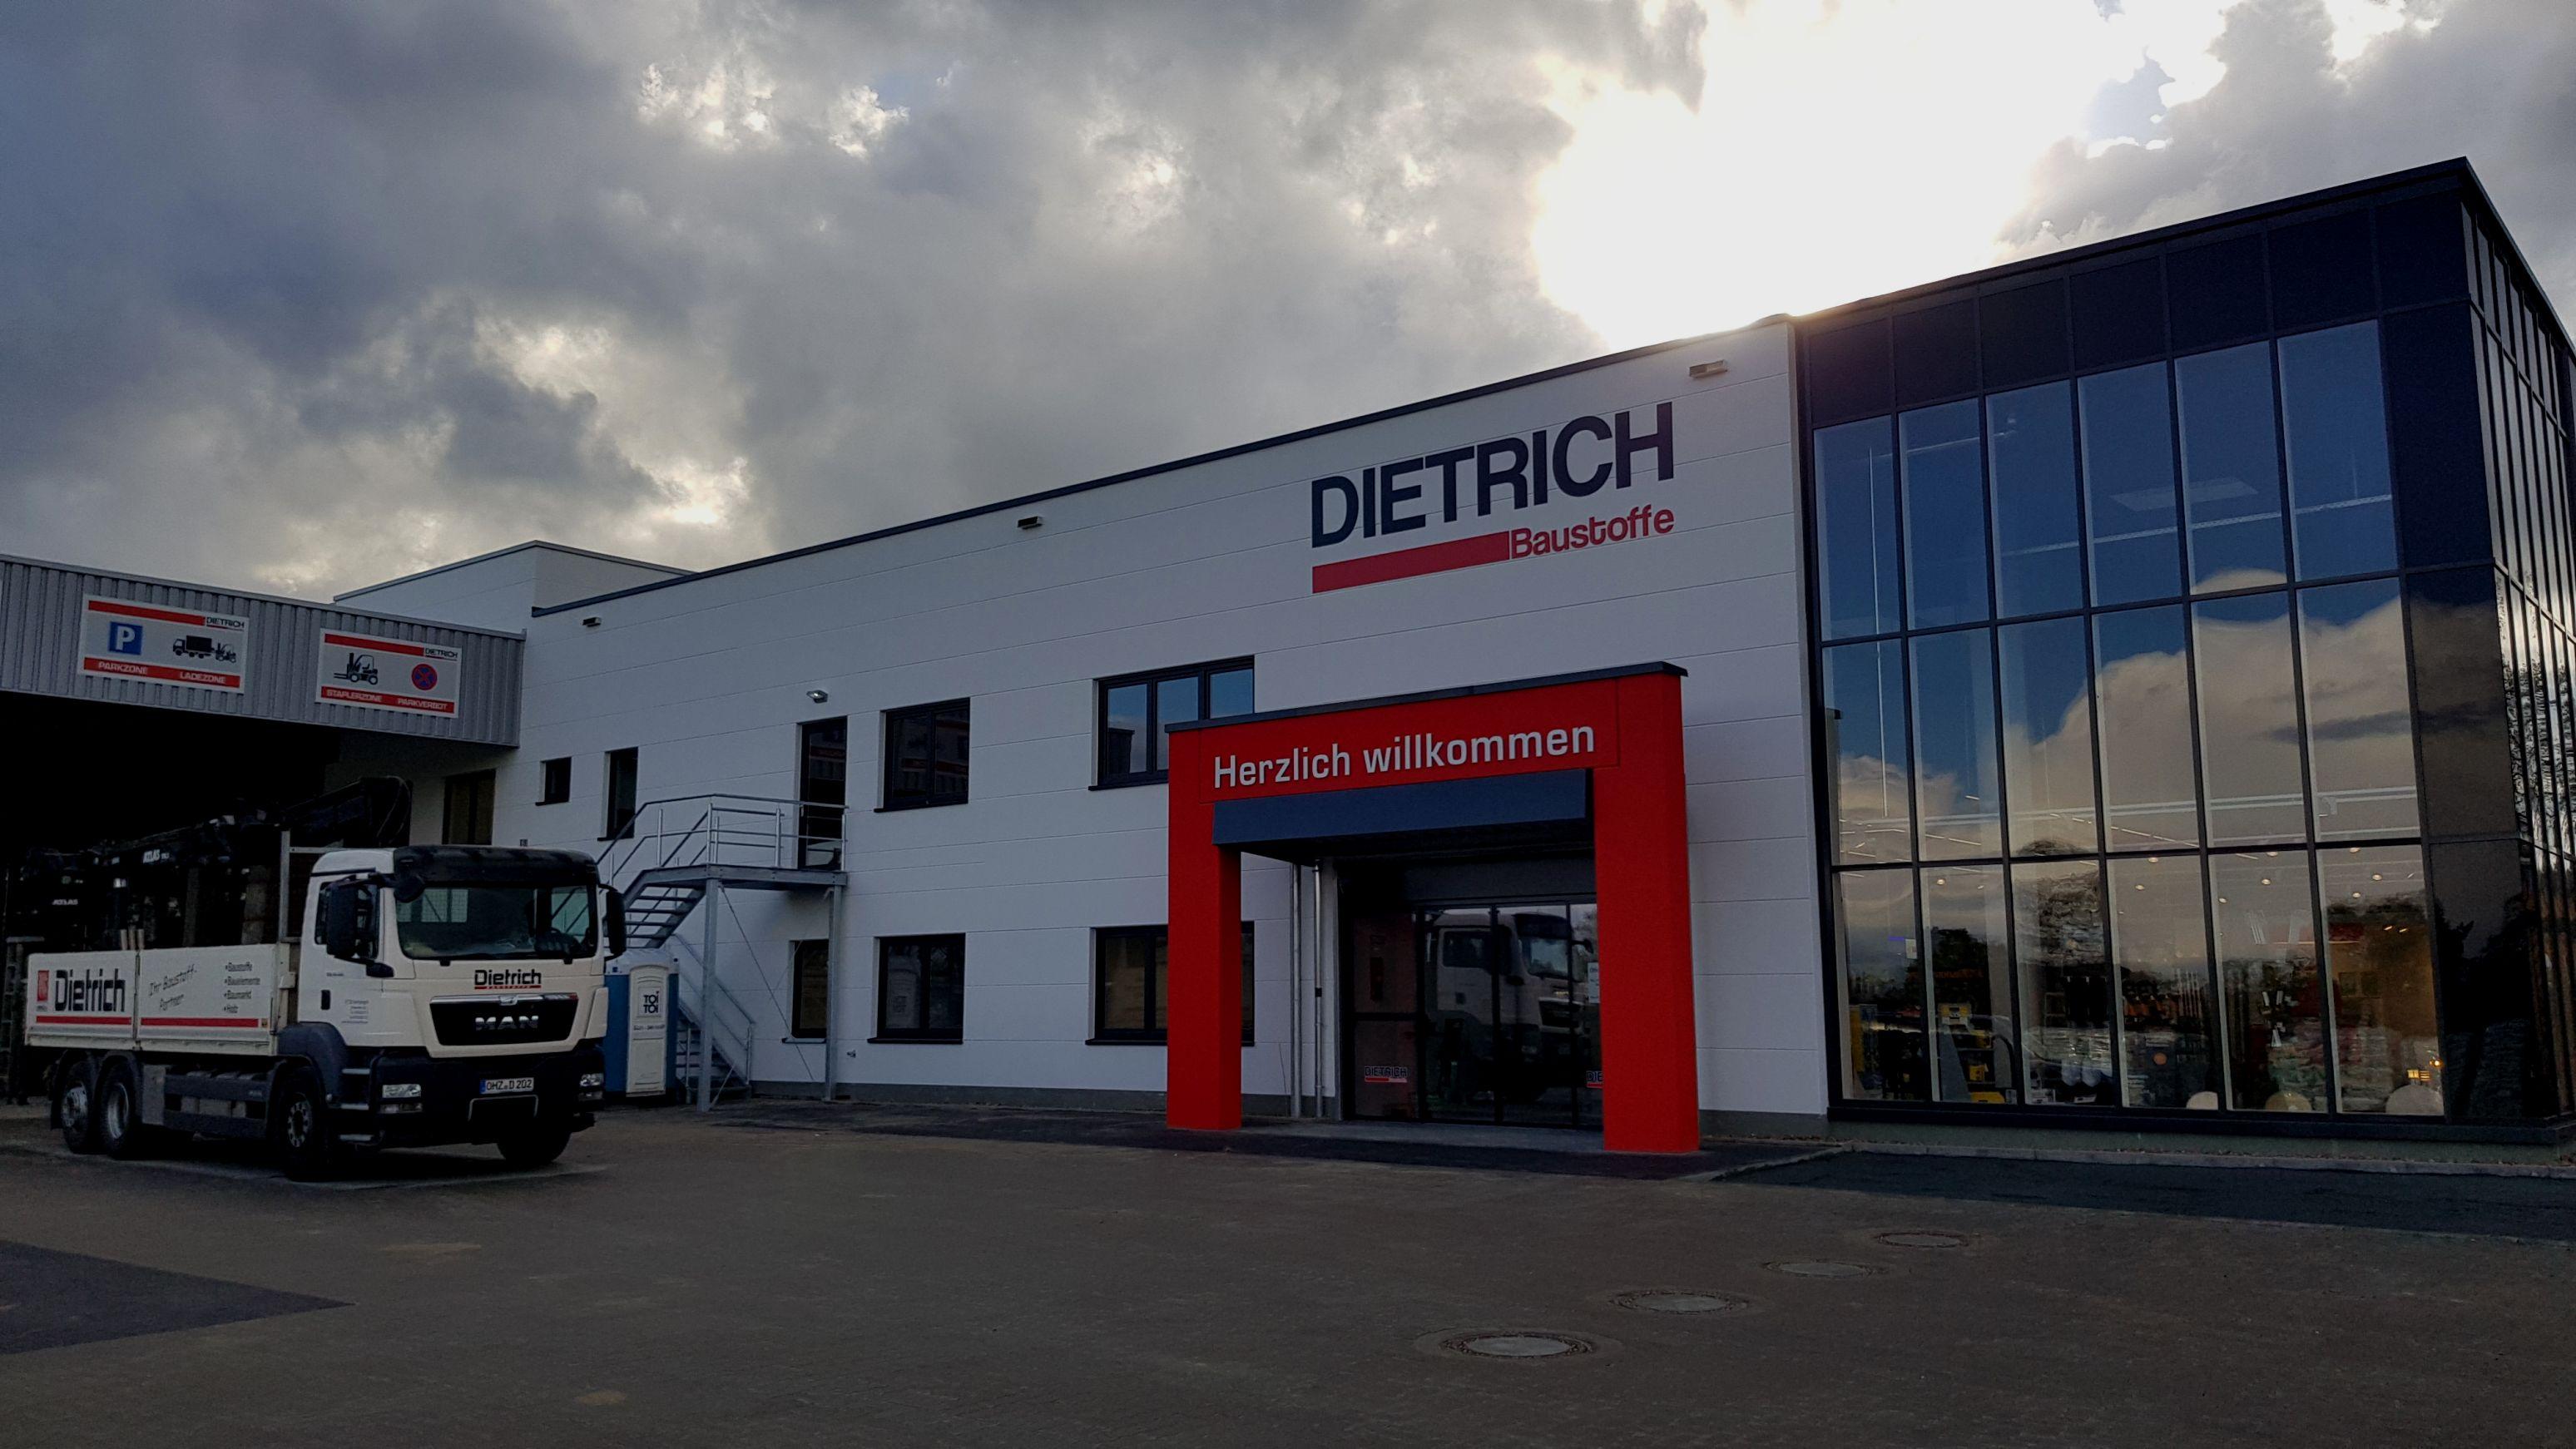 Dietrich GmbH & Co. KG